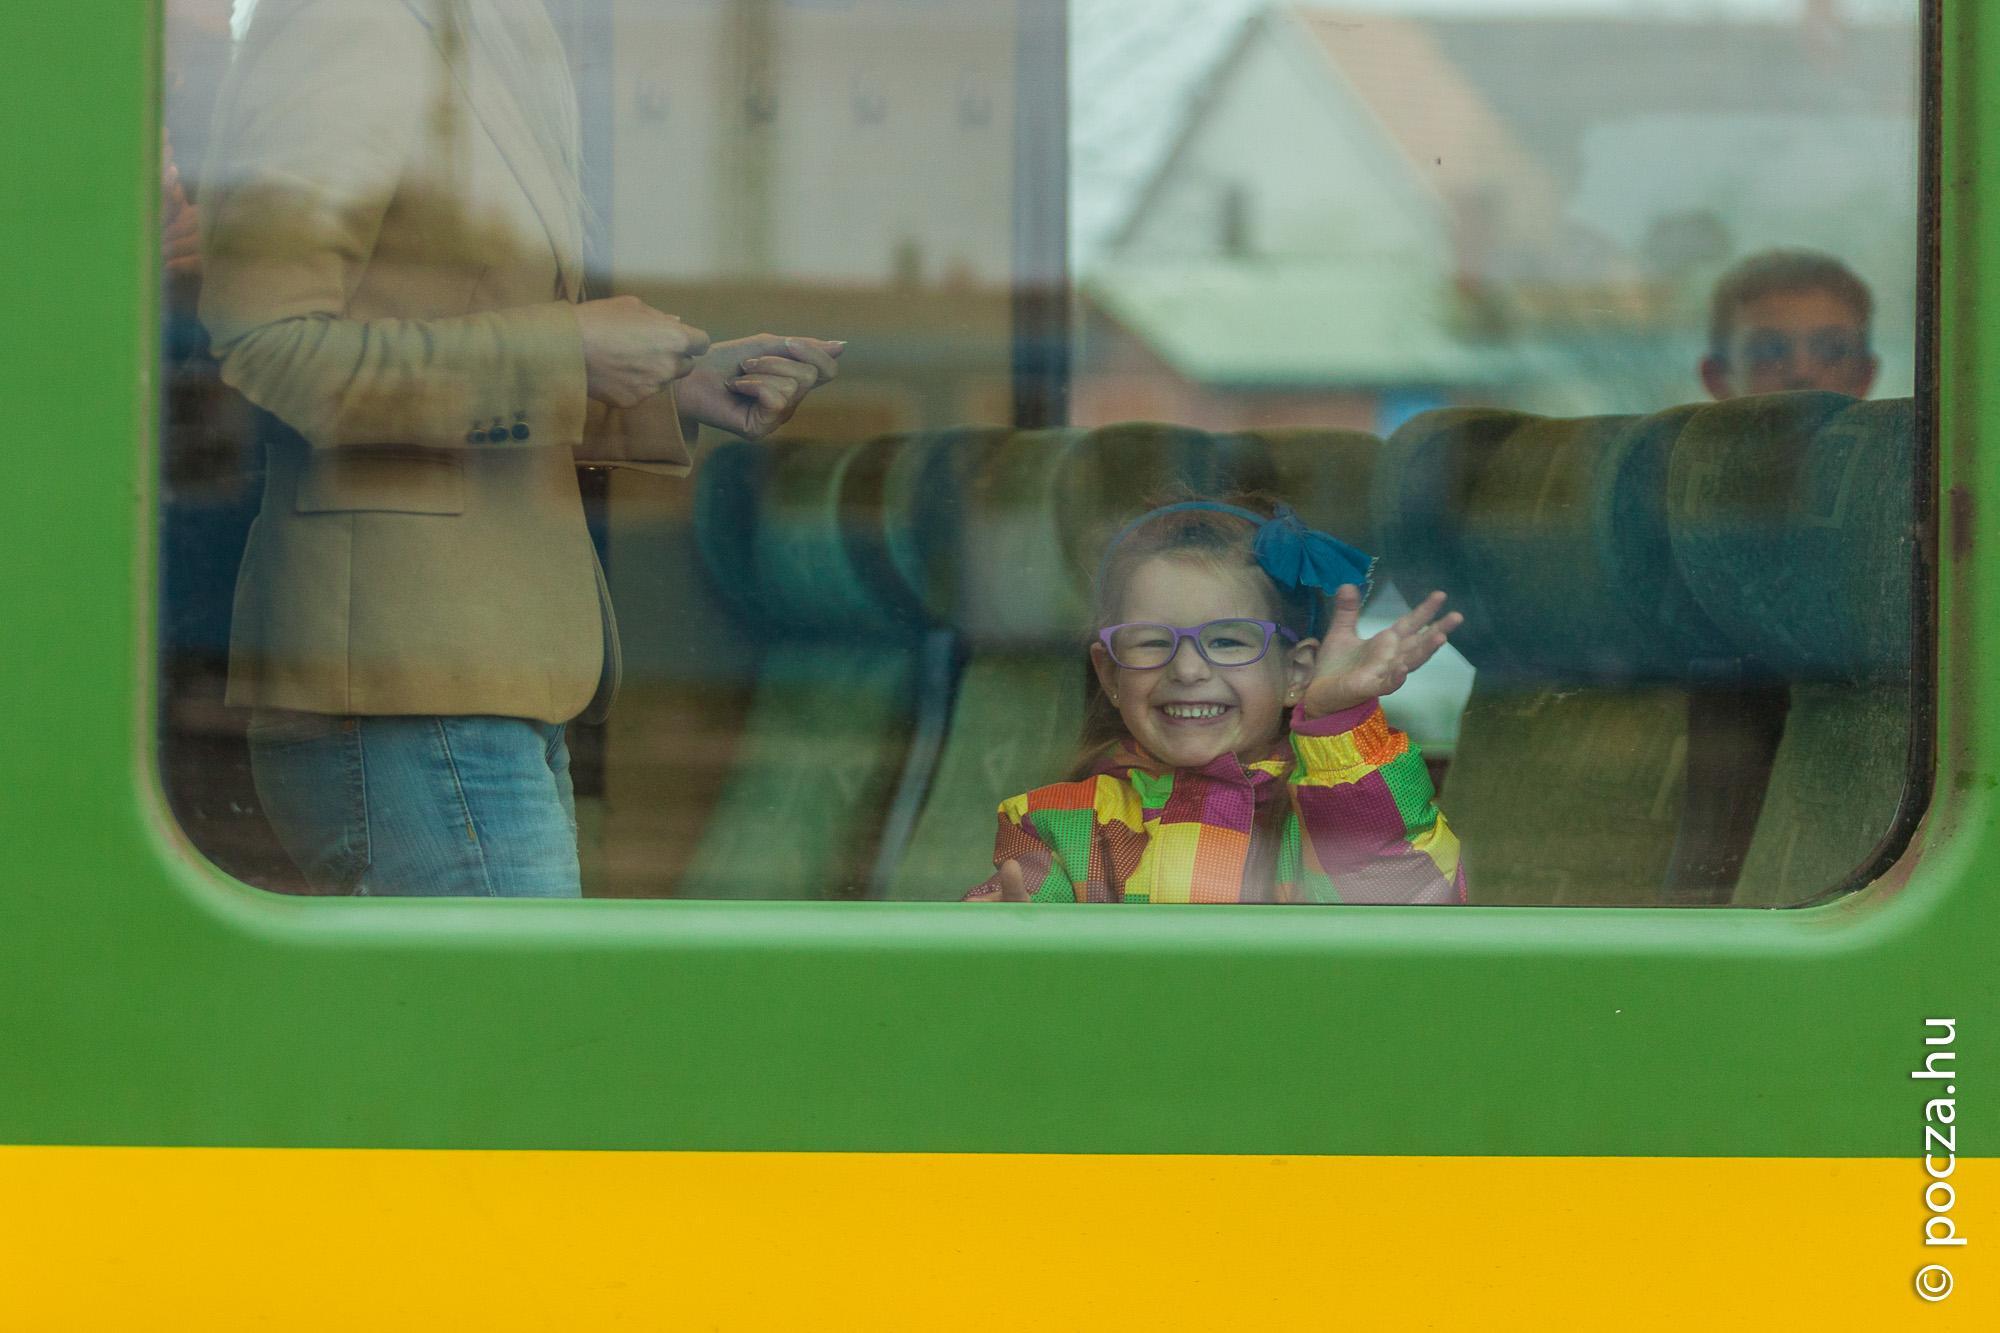 Kislány integet a vonat ablakon át